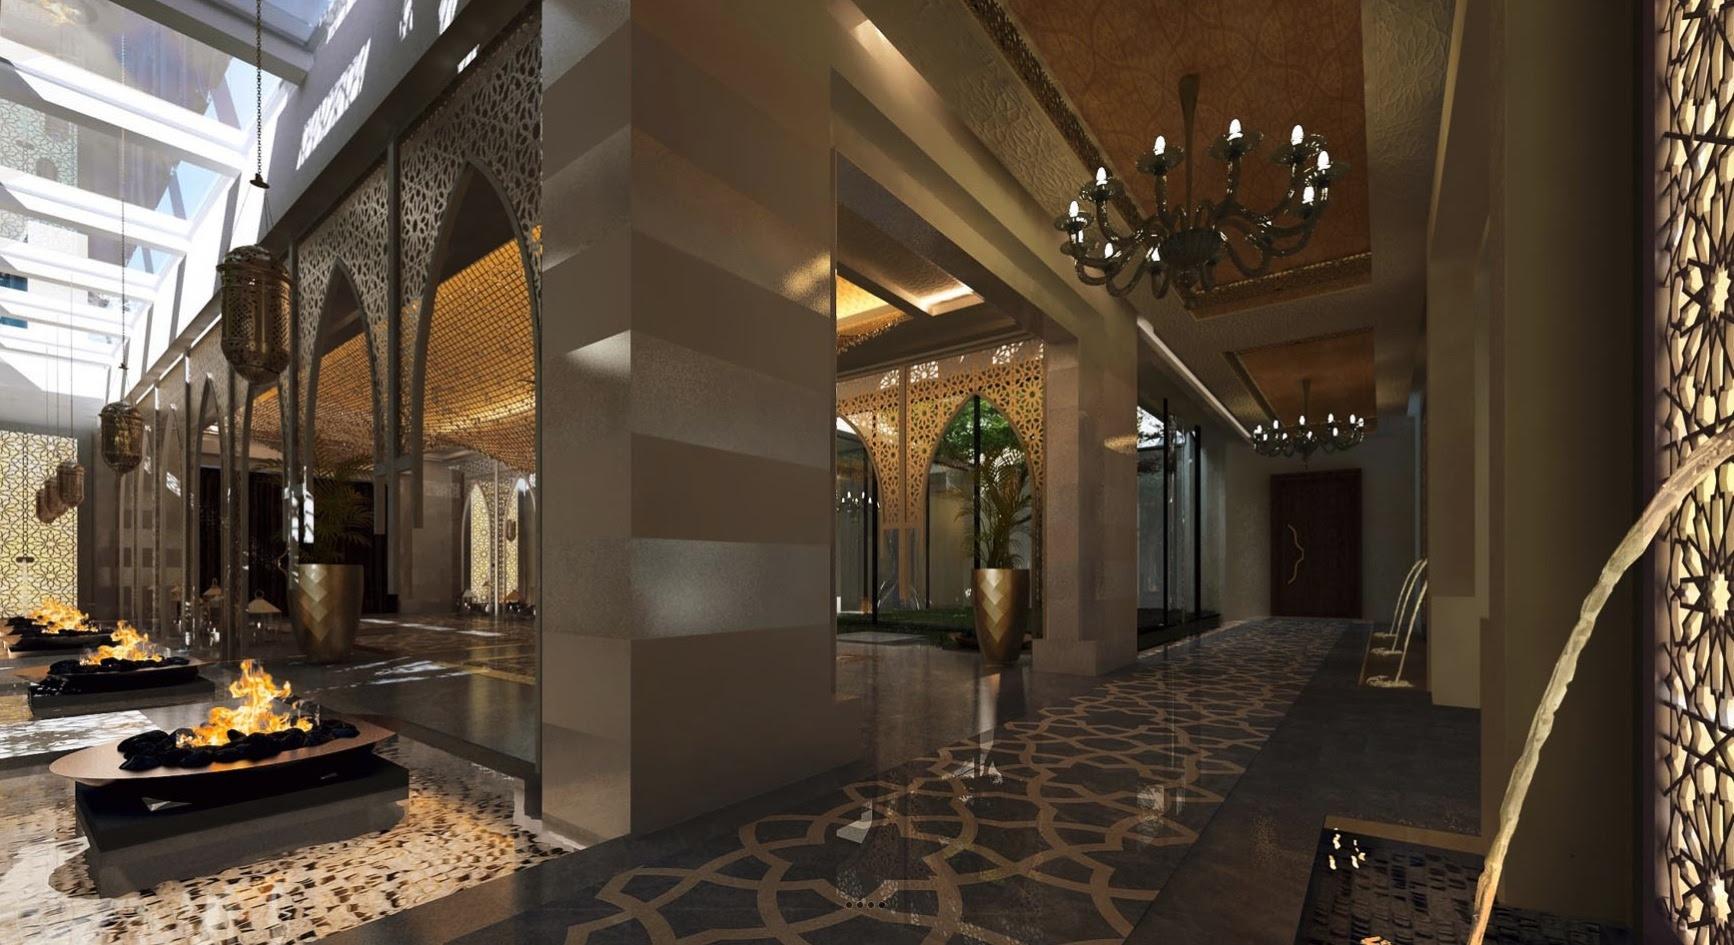 3D Interior Designs | Interior Designer: Bungalow Interior ...